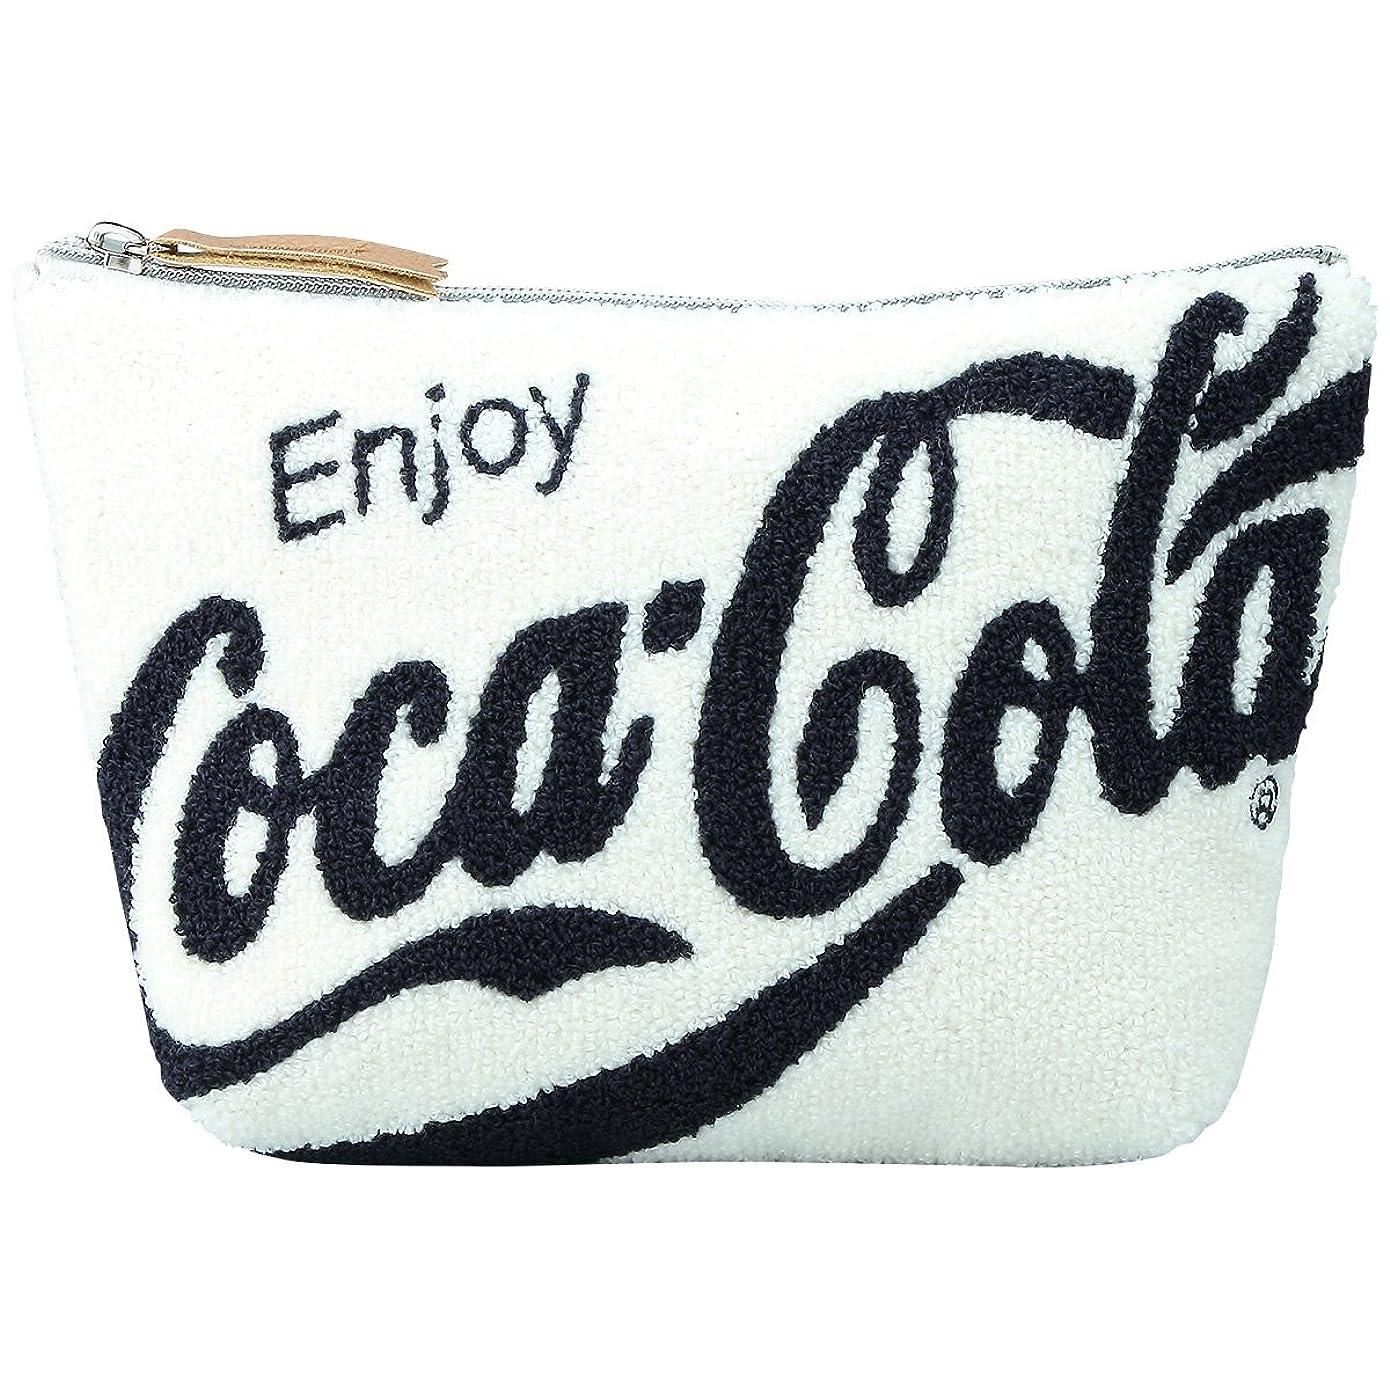 鏡スポンジ遵守するCoca-Cola(コカ?コーラ) サガラミニポーチ ホワイト